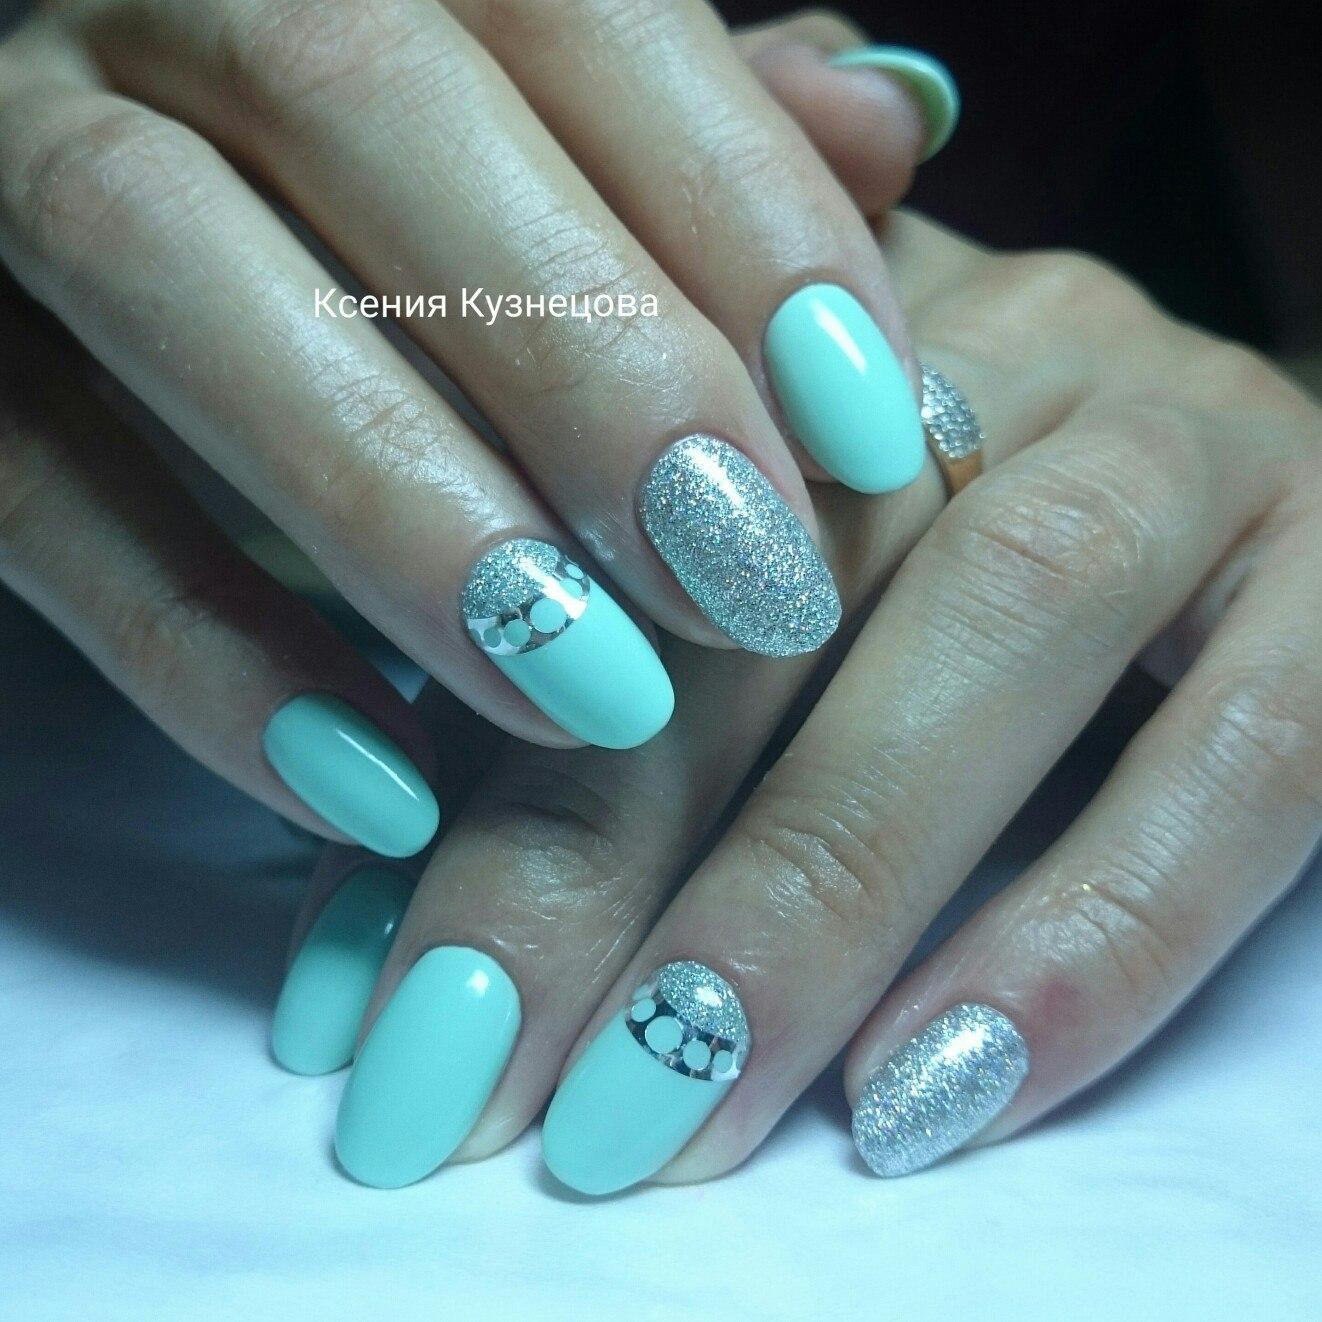 Красивый маникюр гель лаком фото на овальную форму ногтей